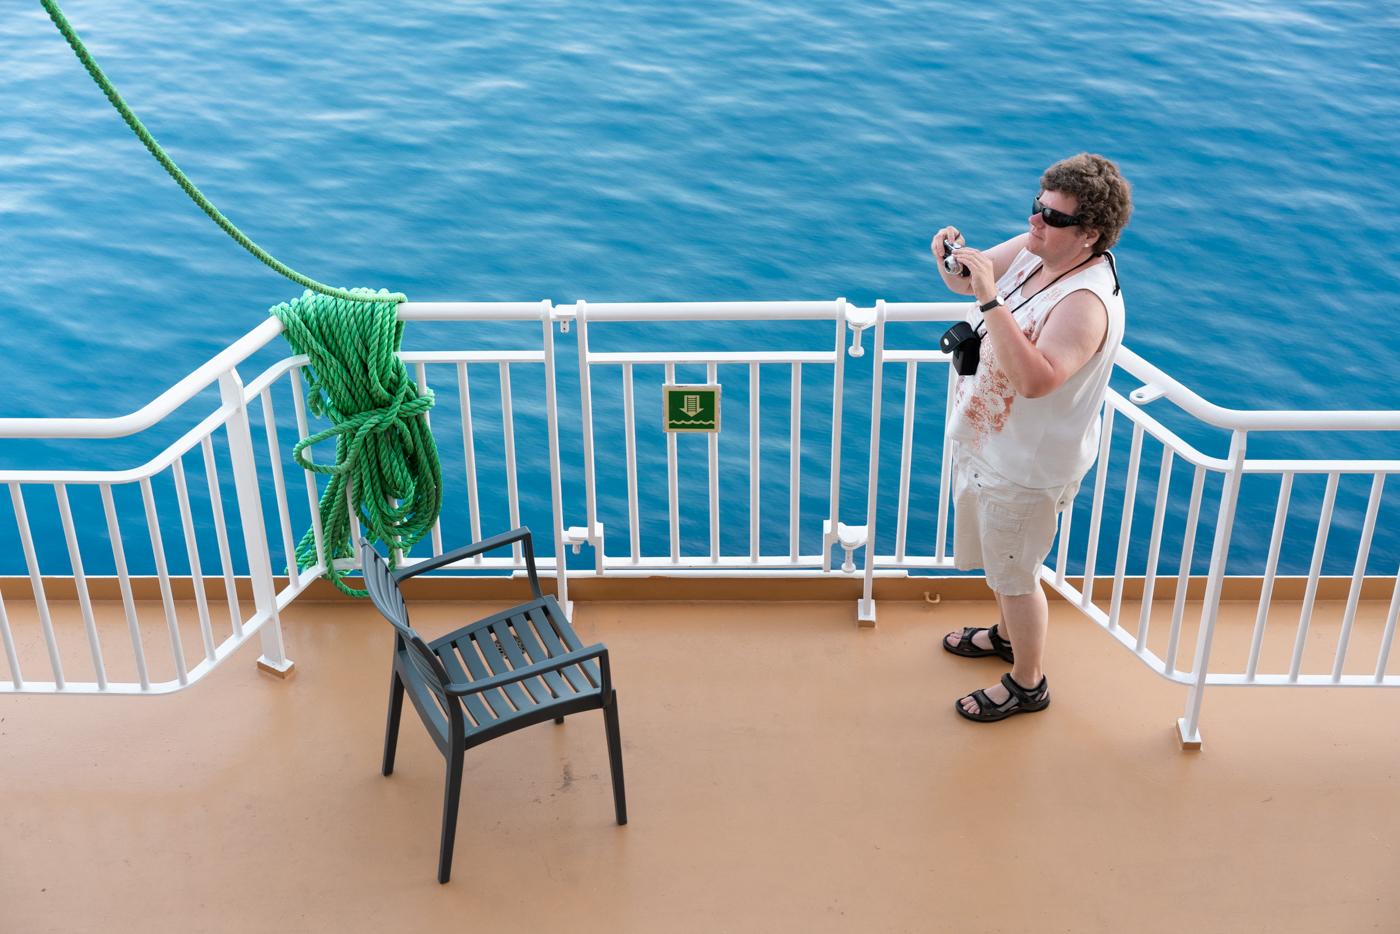 ferrypeople-9.jpg